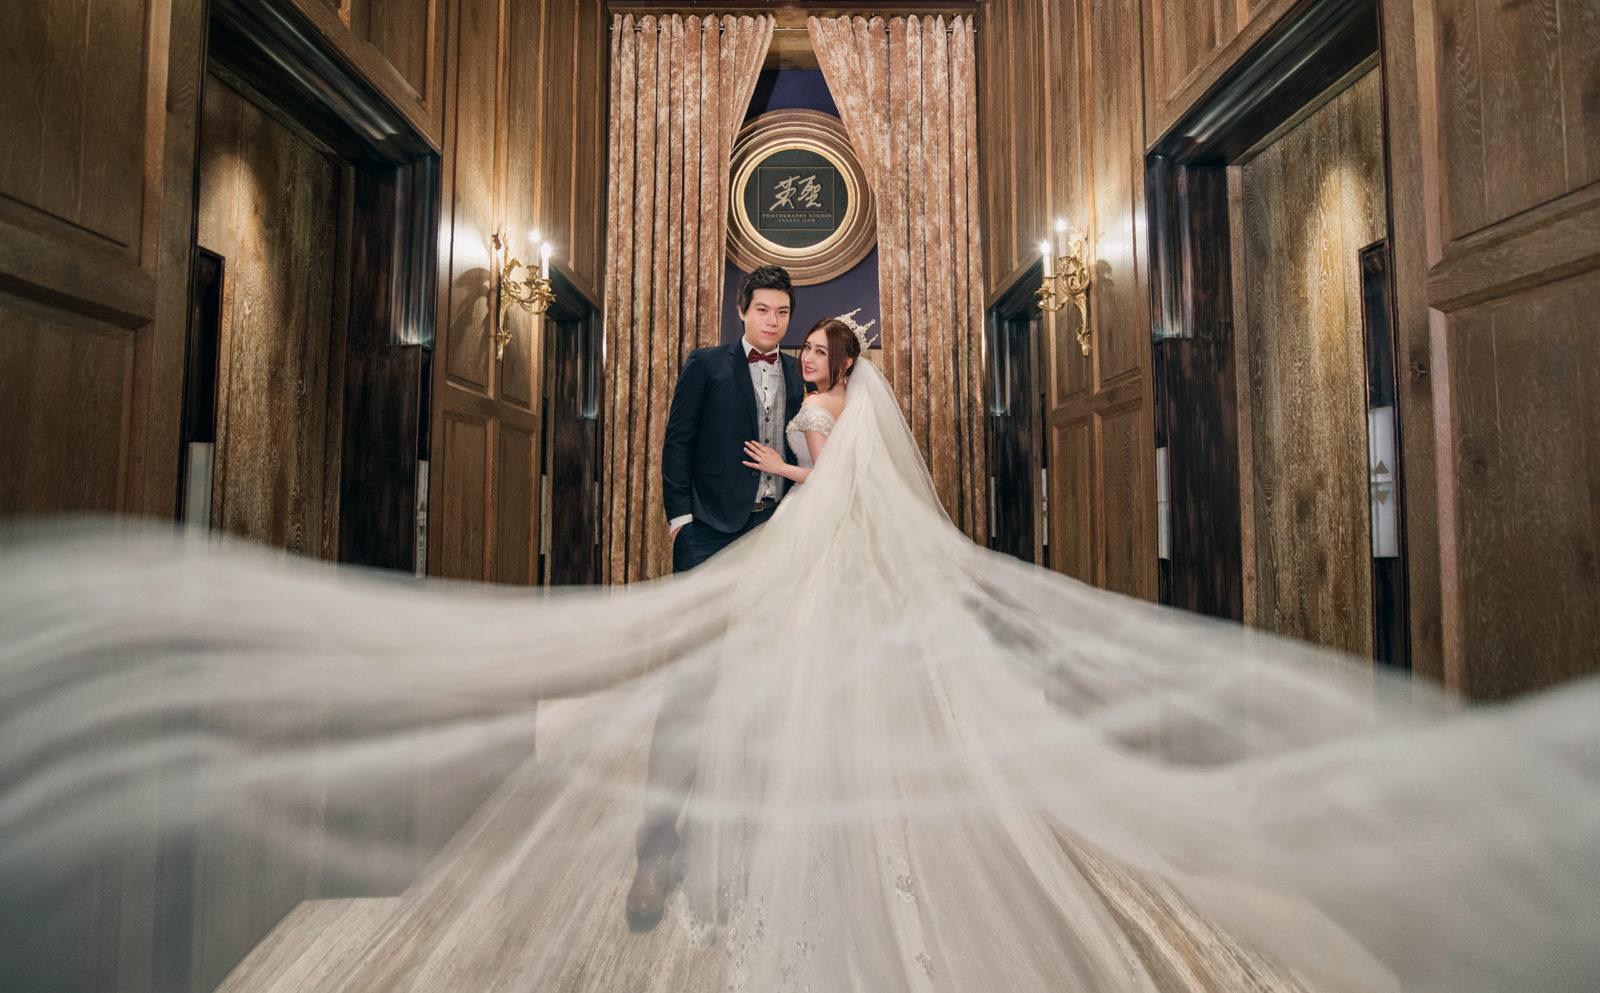 婚攝英聖-婚禮記錄-婚紗攝影-%E5%A9%9A%E6%94%9D%E8%8B%B1%E8%81%96 %E5%90%9B%E5%93%81%E8%80%81%E7%8E%8B%E5%B0%8F%E5%A6%83 1920 %E6%8B%B7%E8%B2%9D